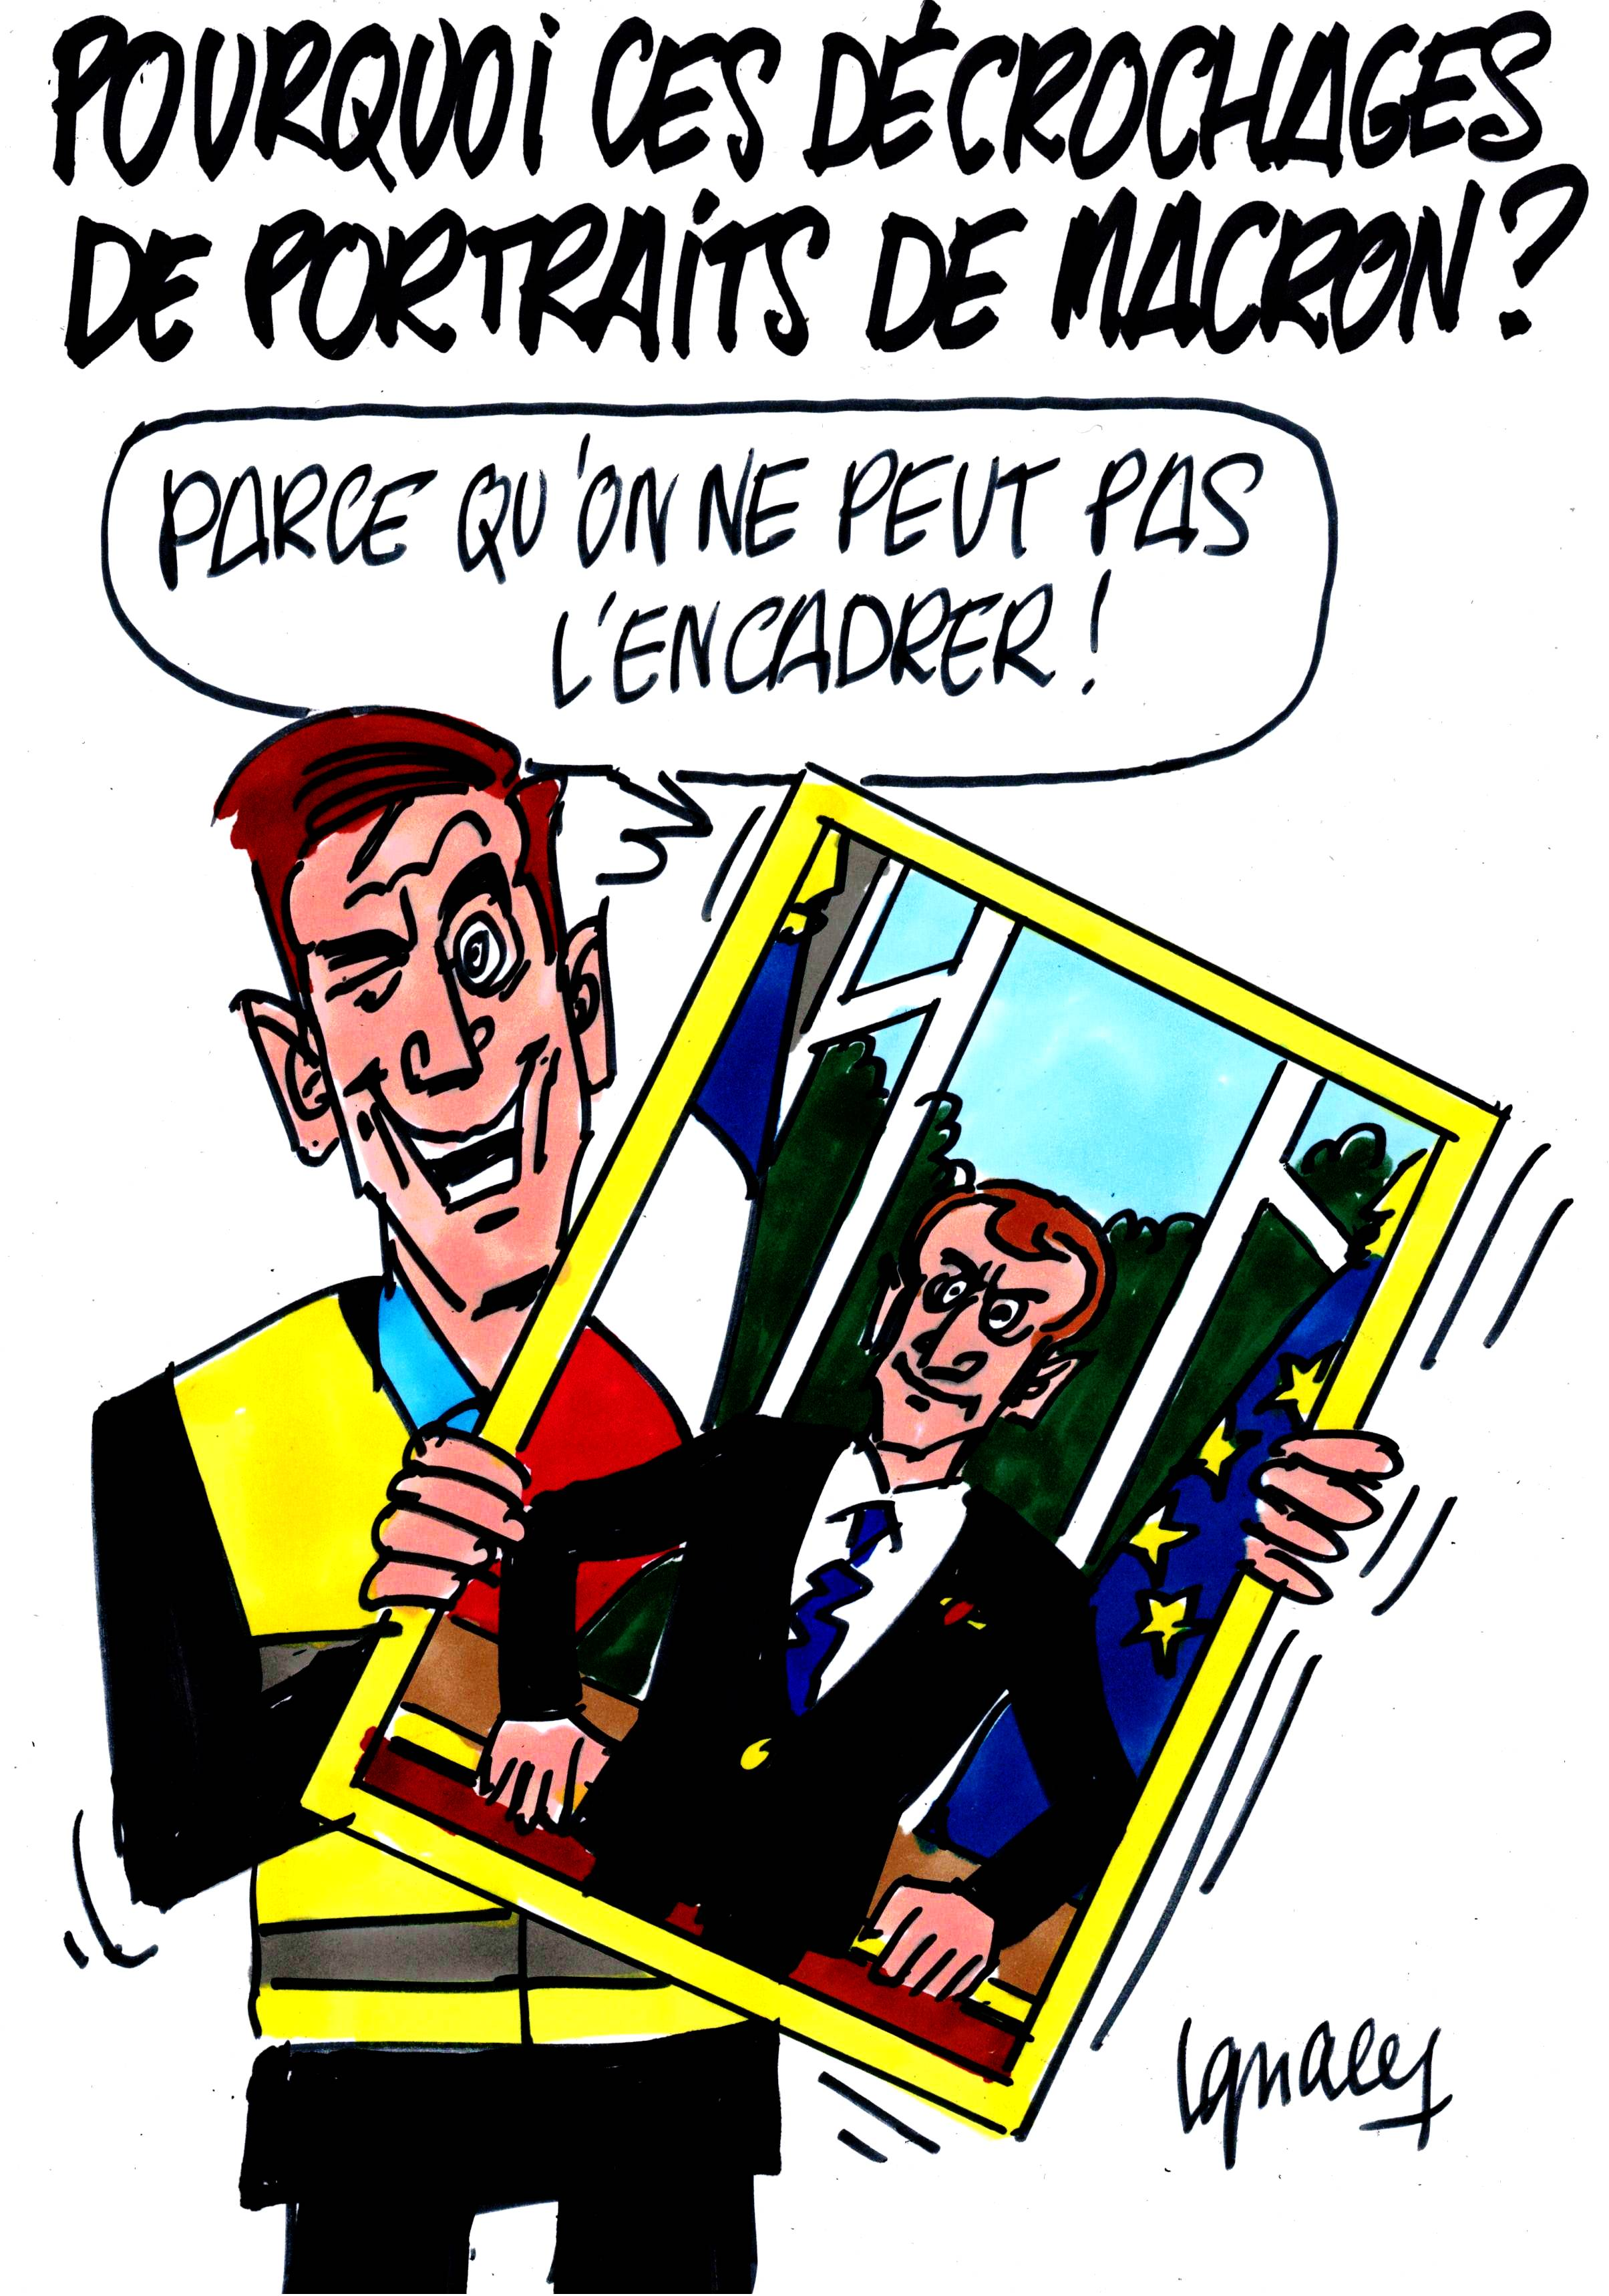 Pourquoi ces décrochages de portraits de Macron ?